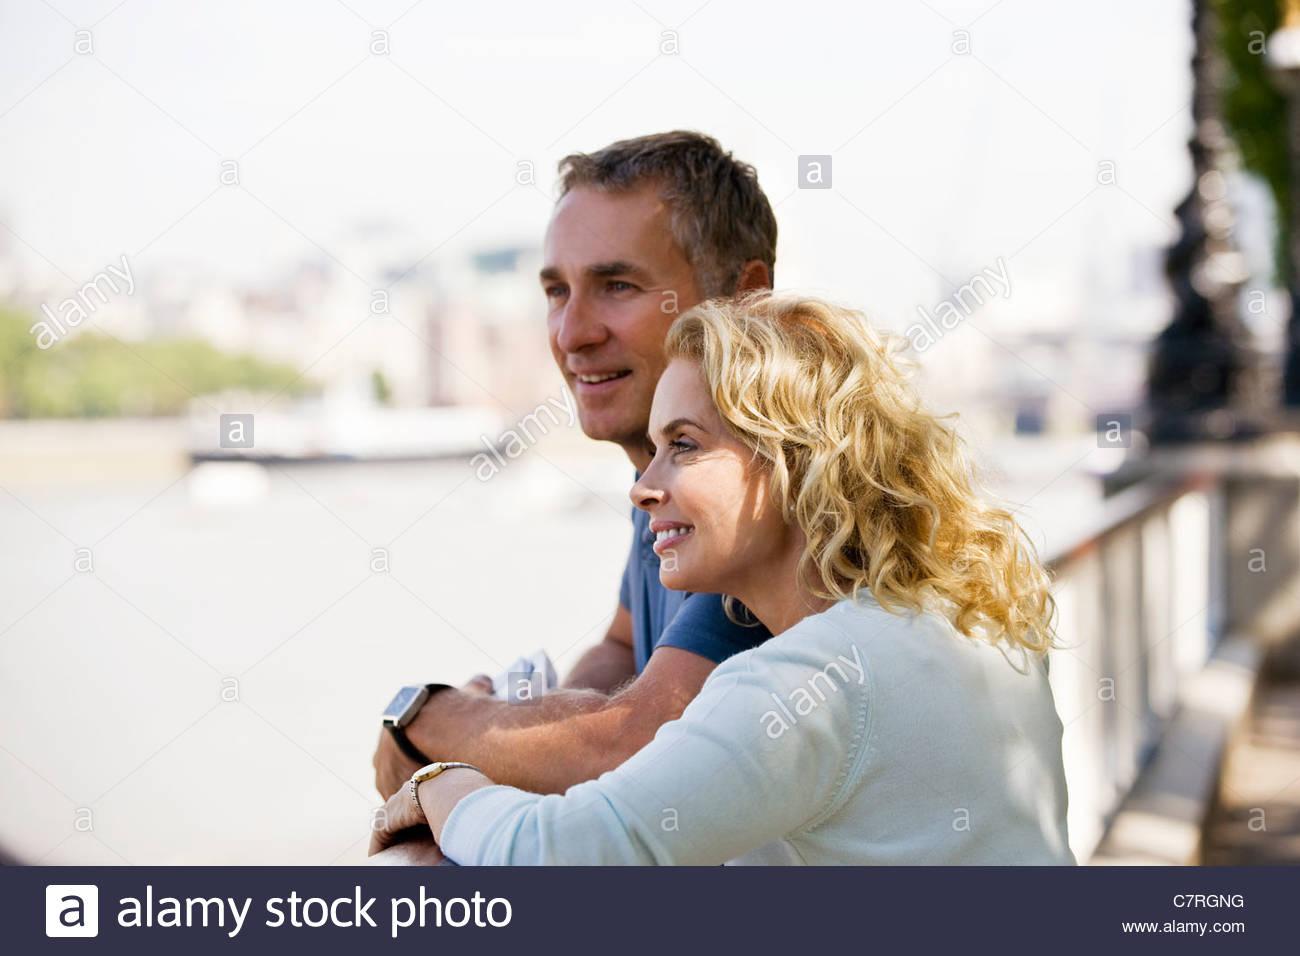 Un couple debout à côté de la Tamise, à admirer la vue Photo Stock